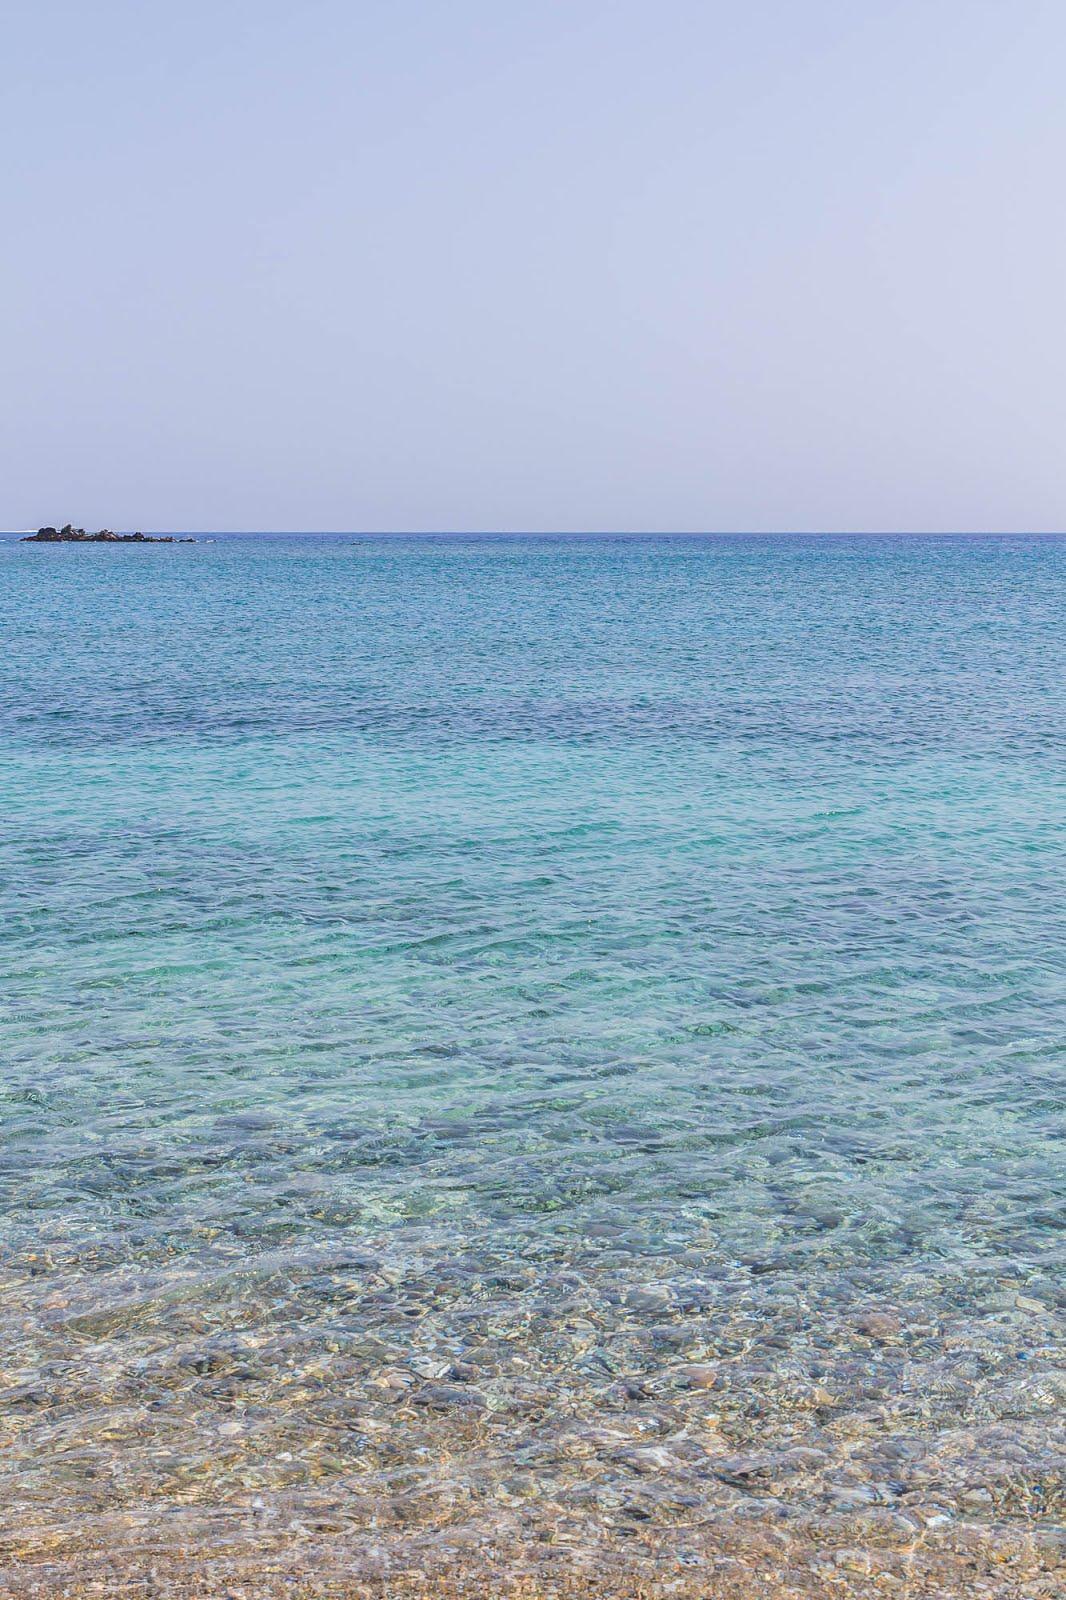 îles grèce eau transparente turquoise